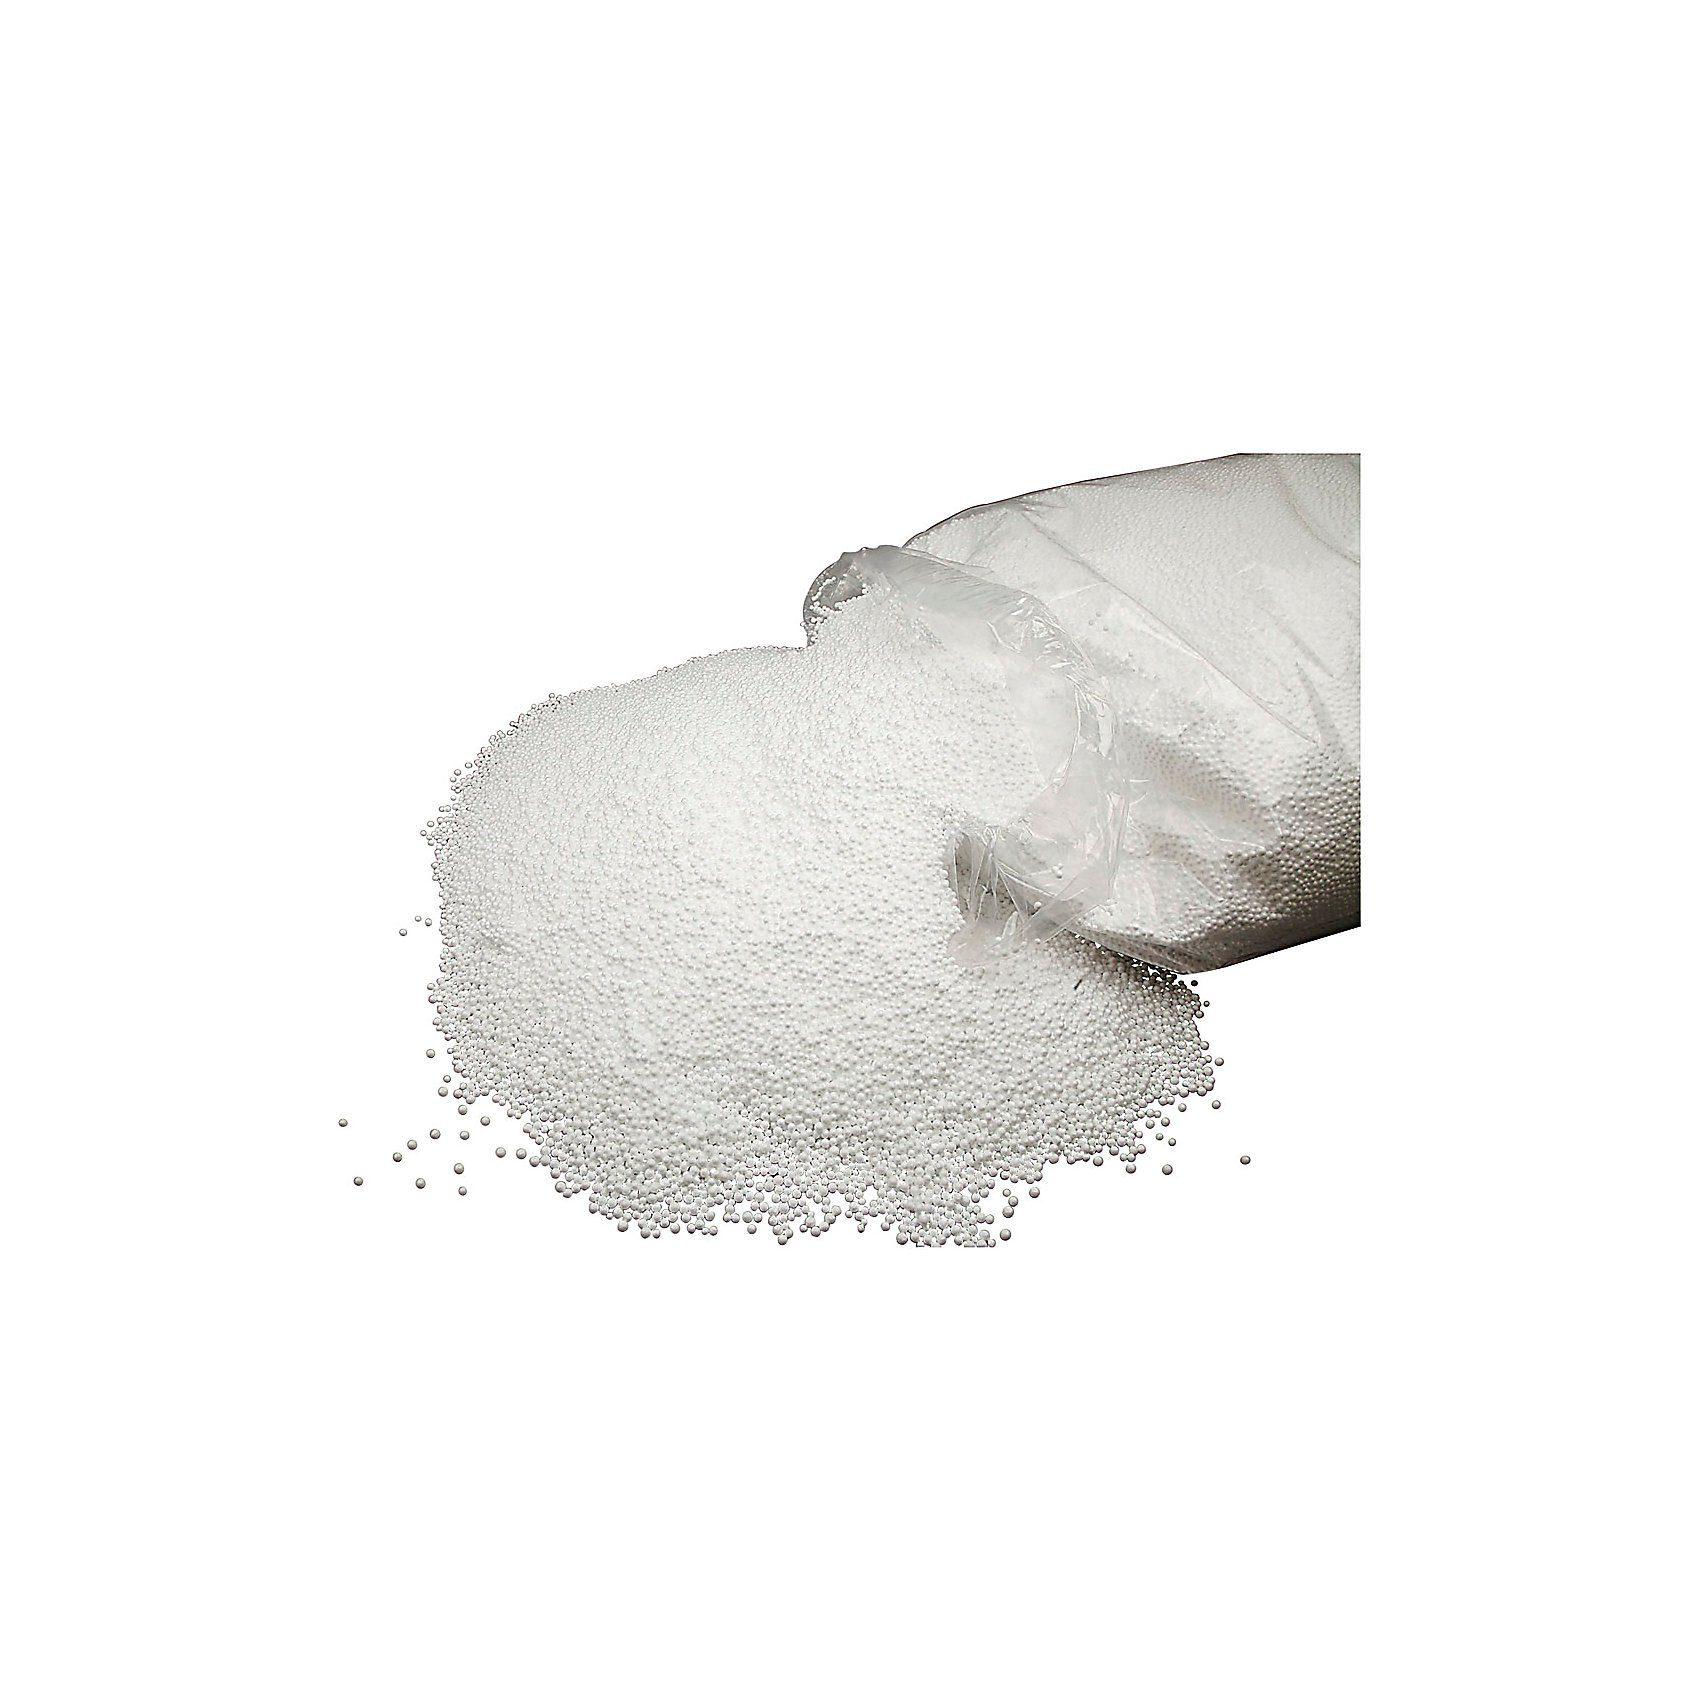 Styroporkügelchen, größter Durchm. 5 mm, 100l